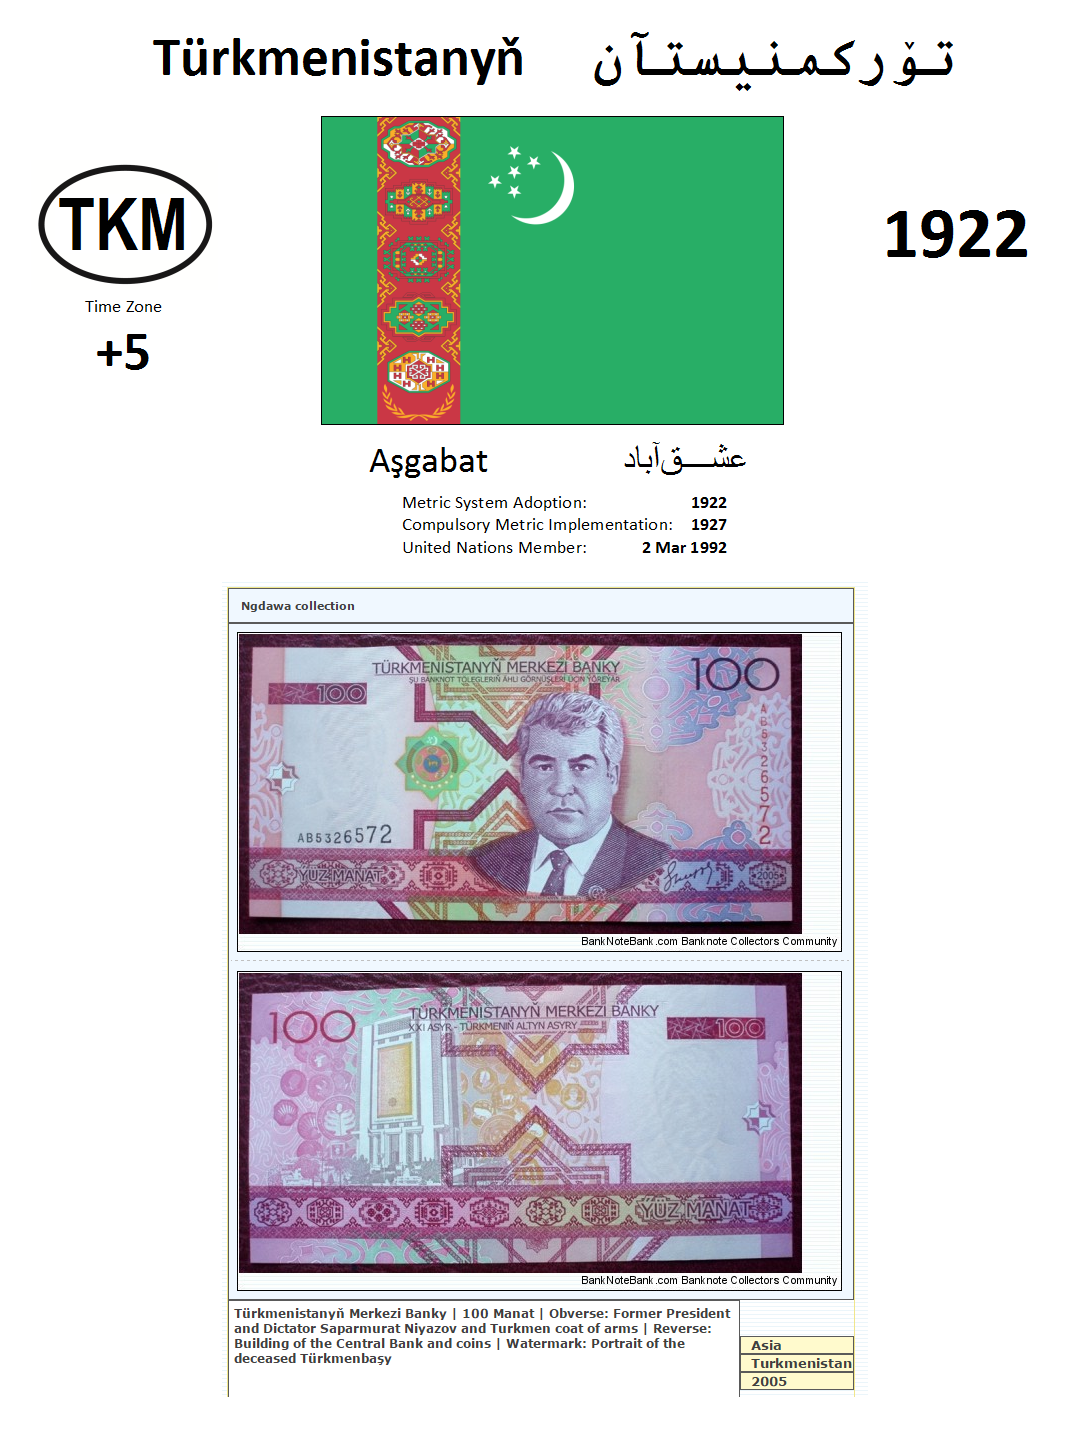 102 TKM Turkmenistan